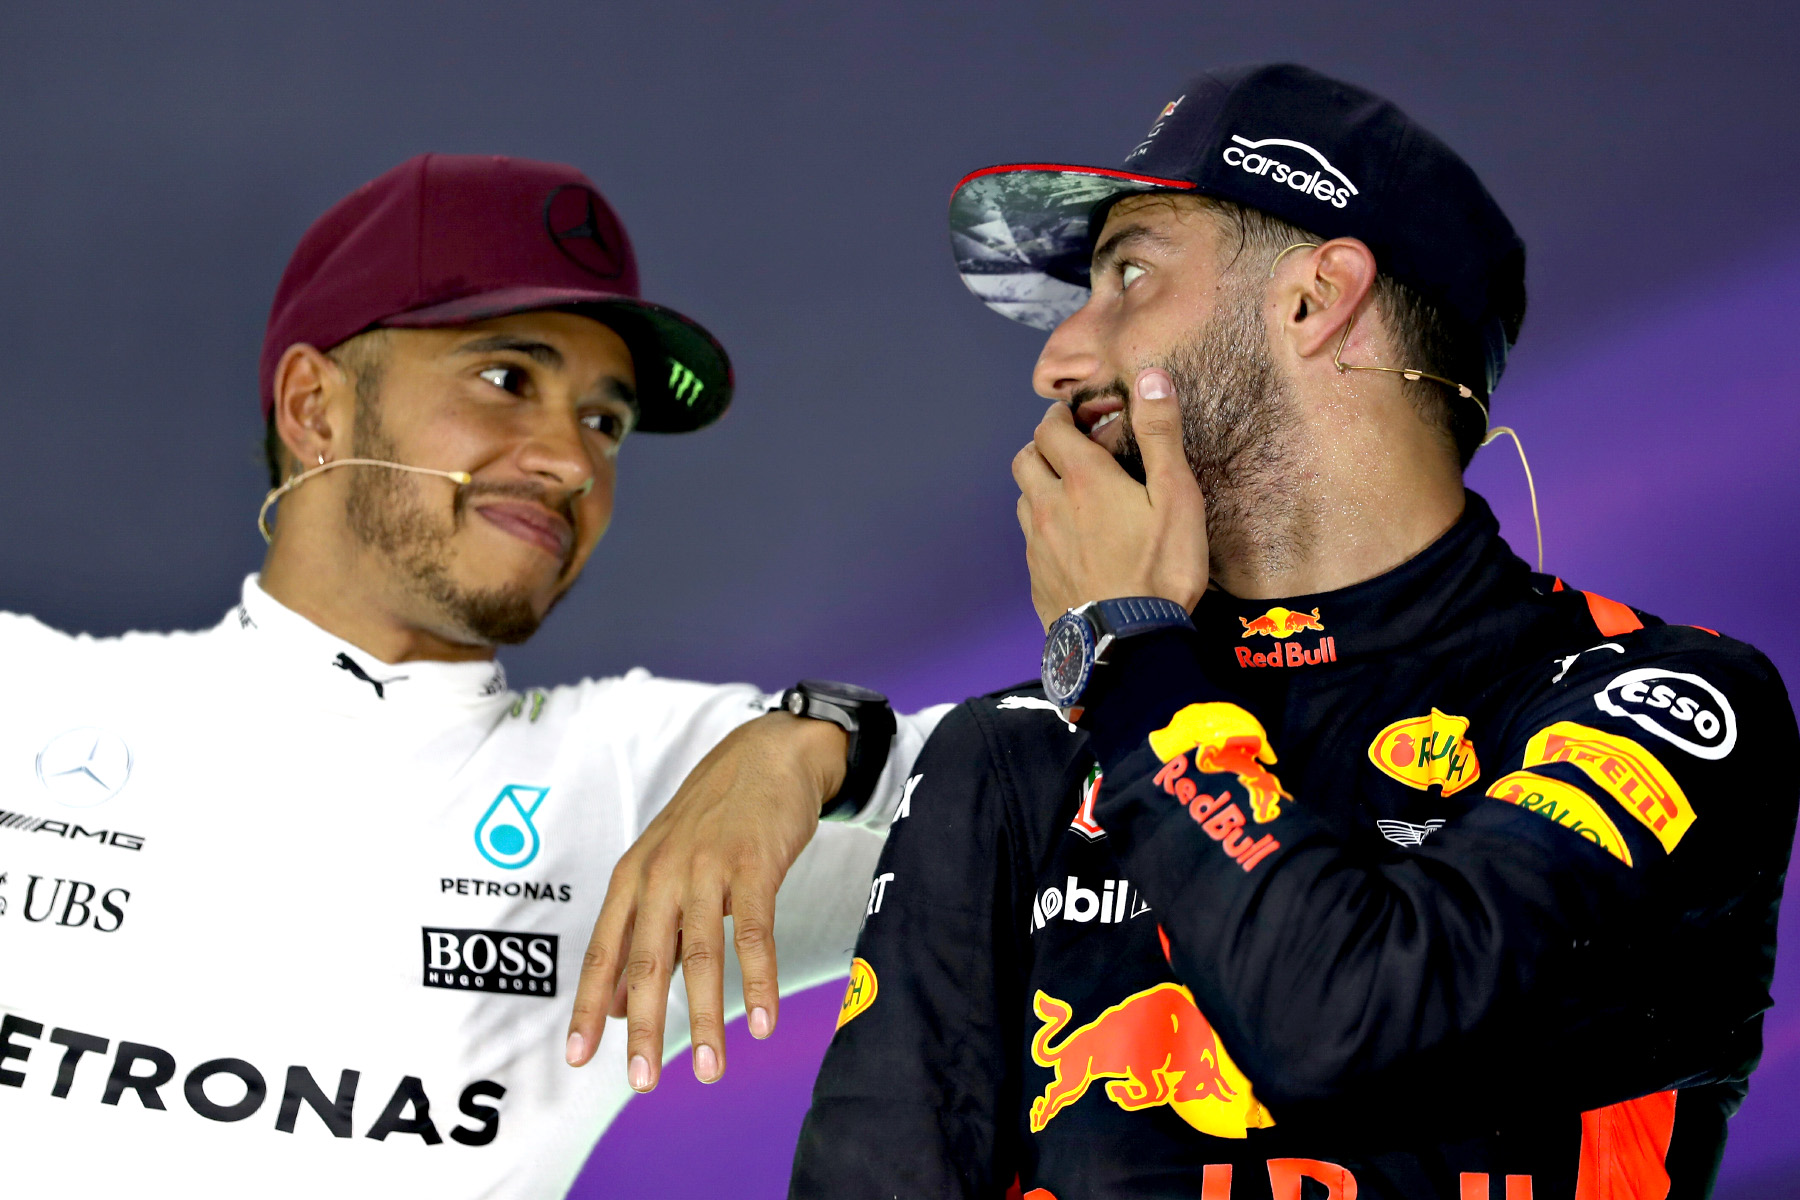 Lewis Hamilton and Daniel Ricciardo talk in an FIA press conference.